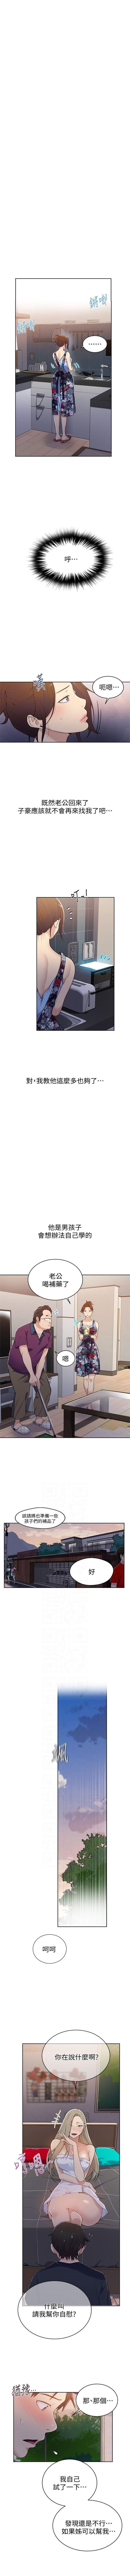 秘密教學  1-55 官方中文(連載中) 58